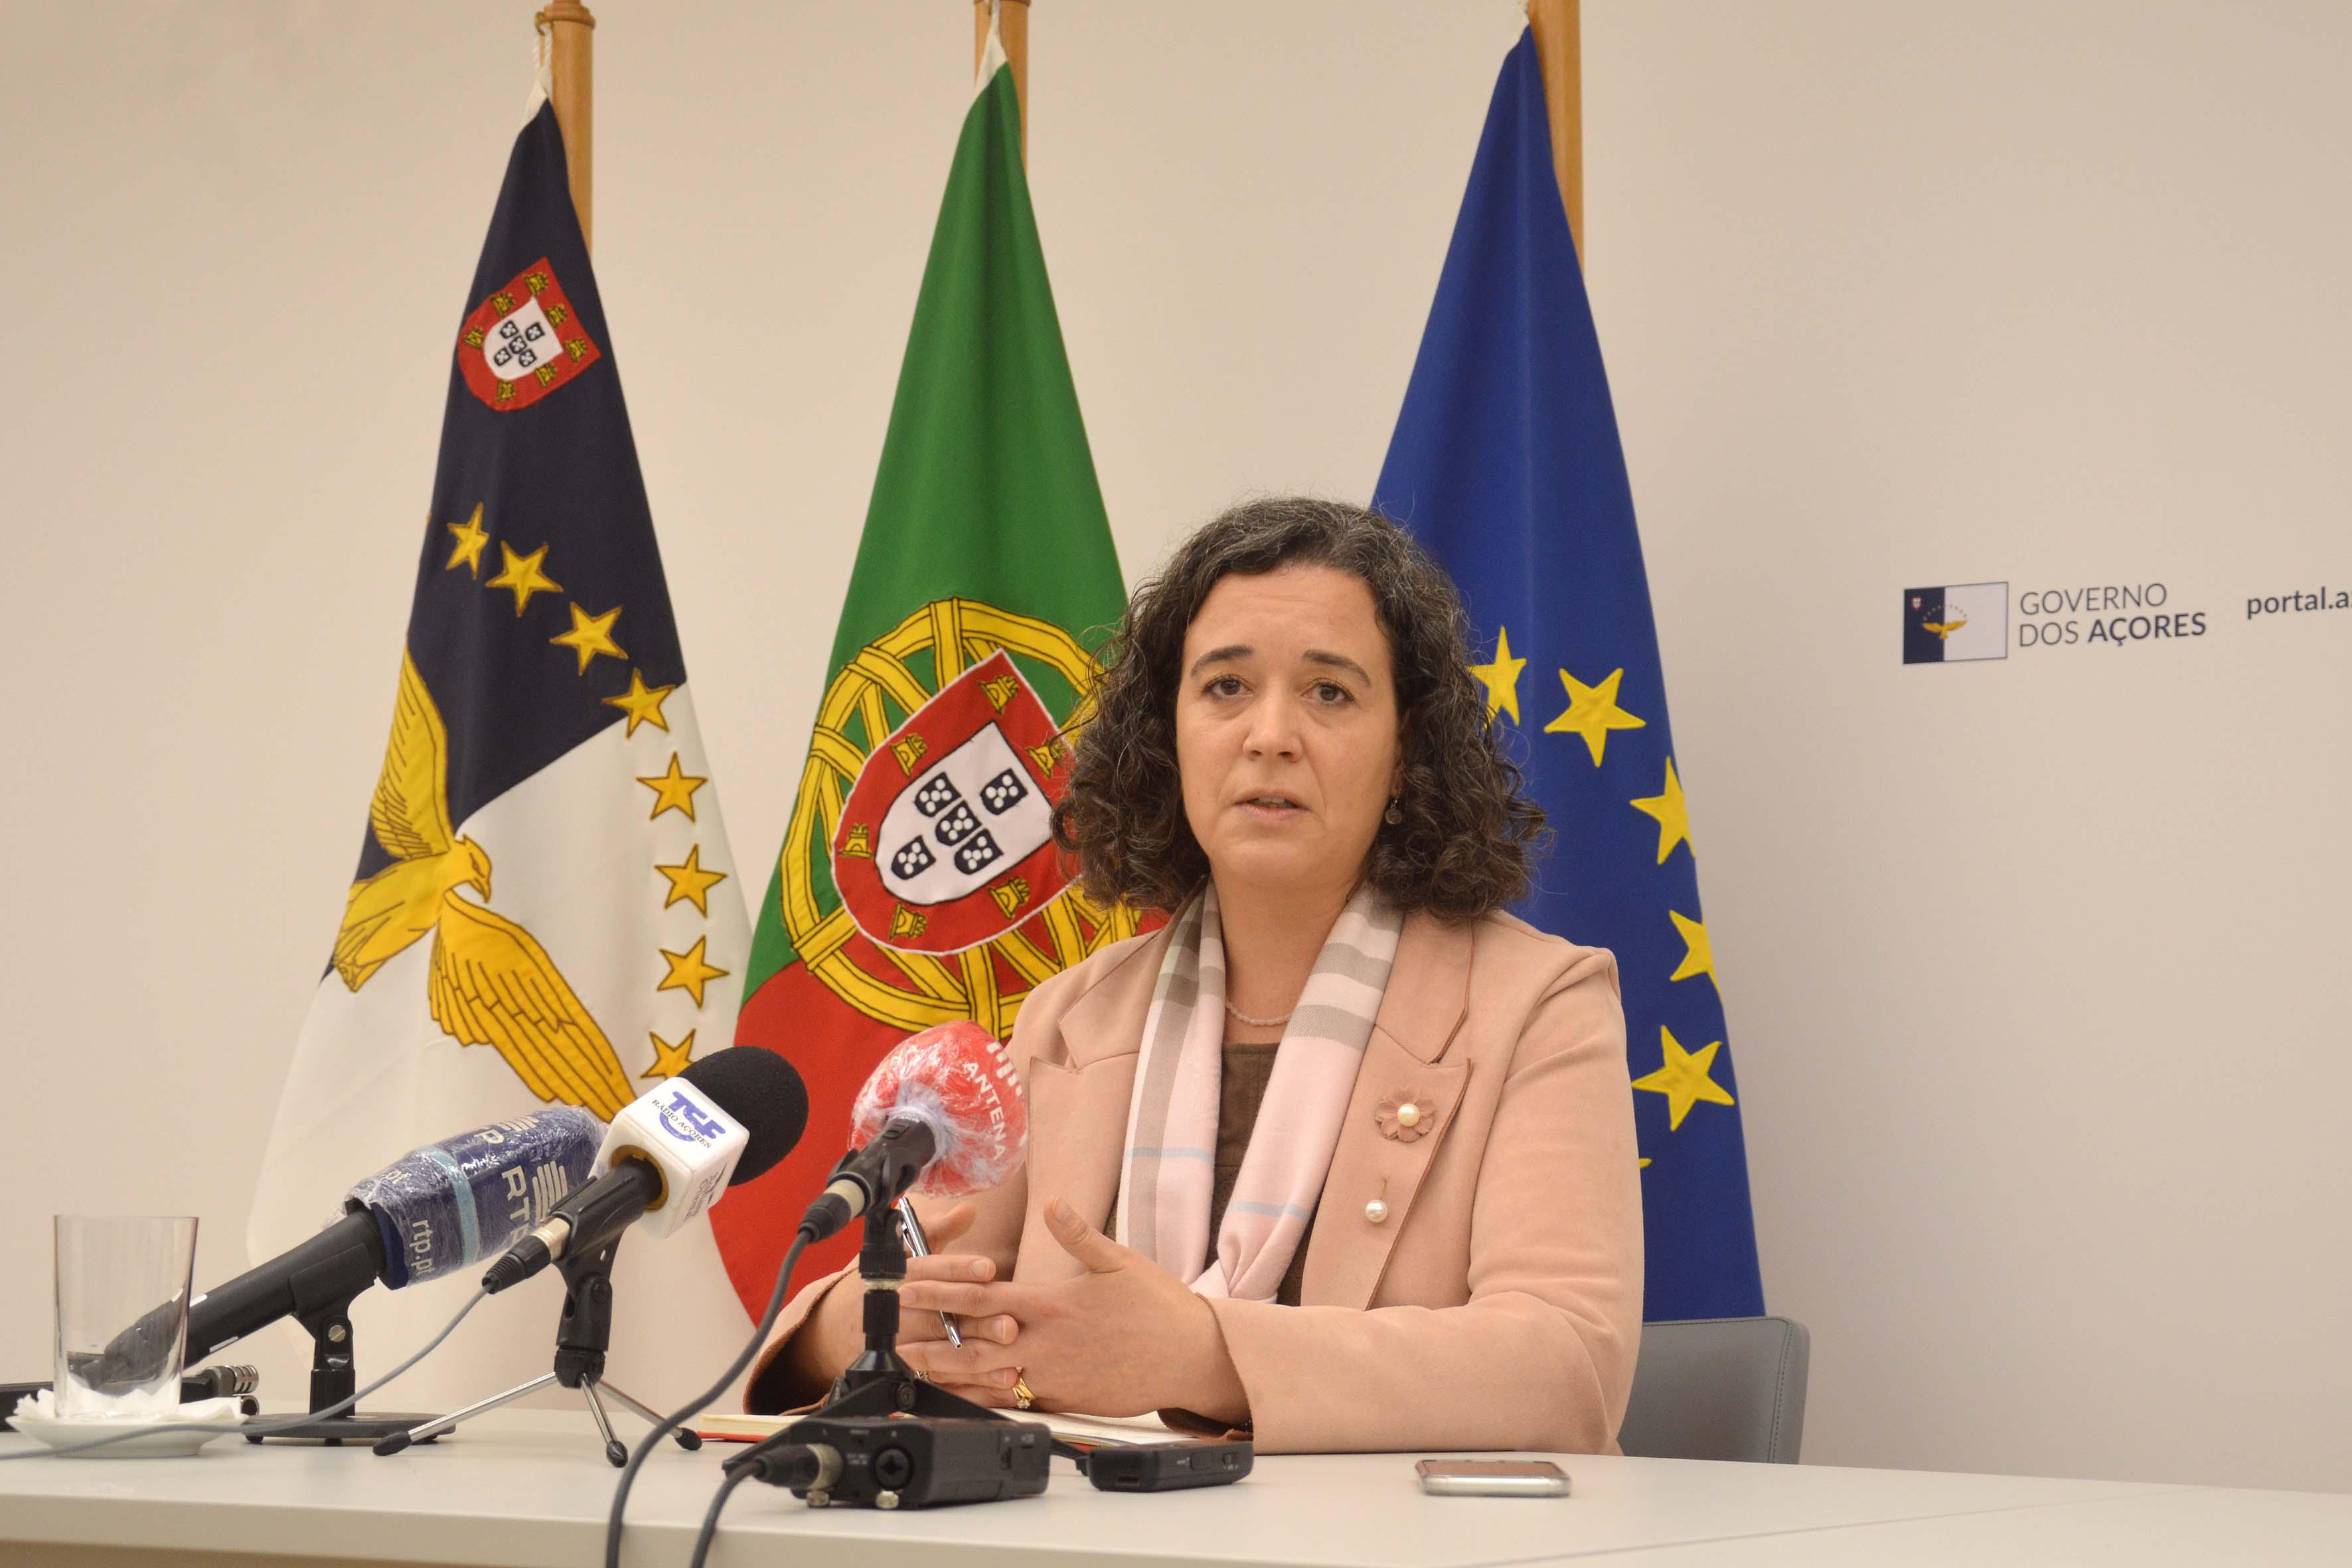 PROFESSORES DA REGIÃO PASSAM A PODER GOZAR FÉRIAS APÓS LICENÇA DE PARENTALIDADE